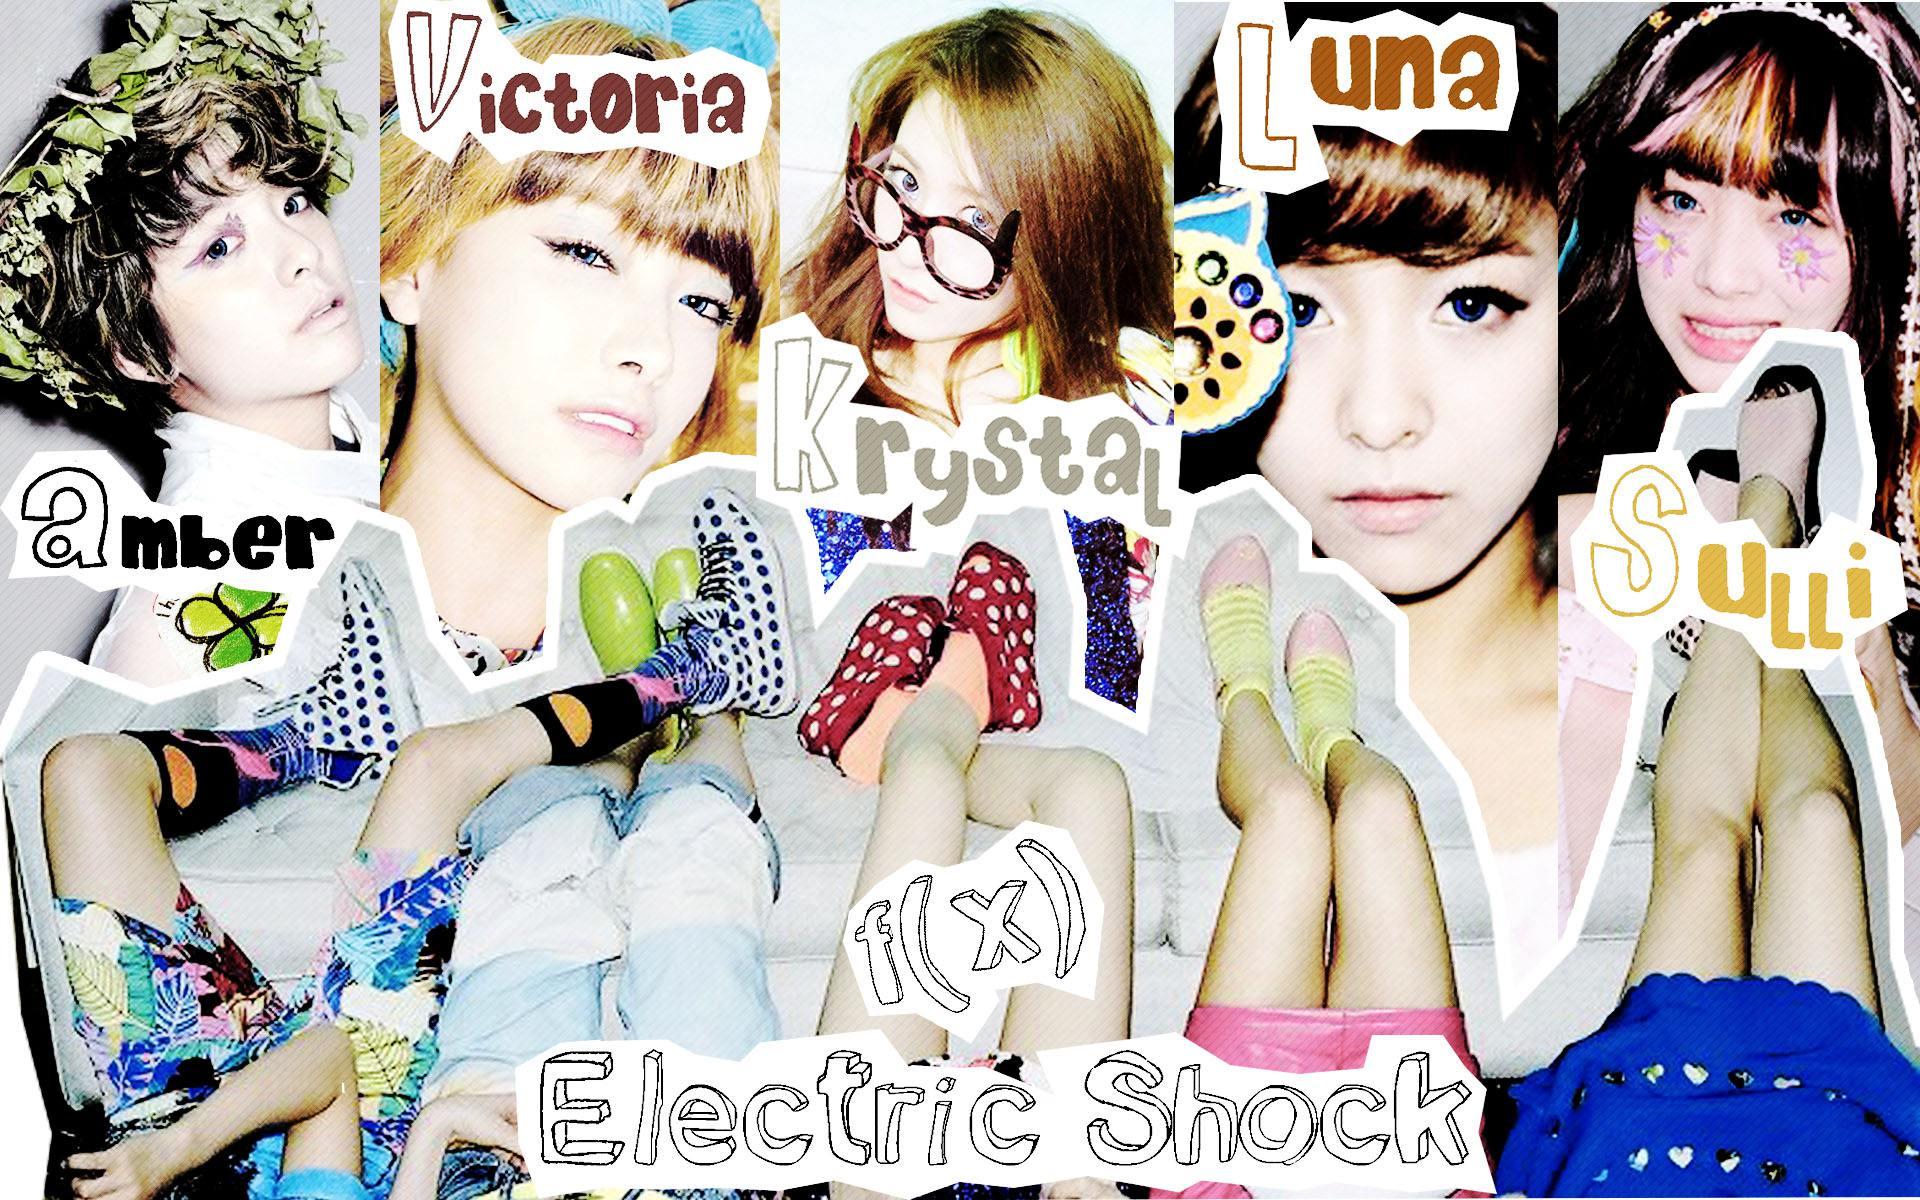 Fx Electric Shock Fx electric  F(x) Electric Shock Album Cover